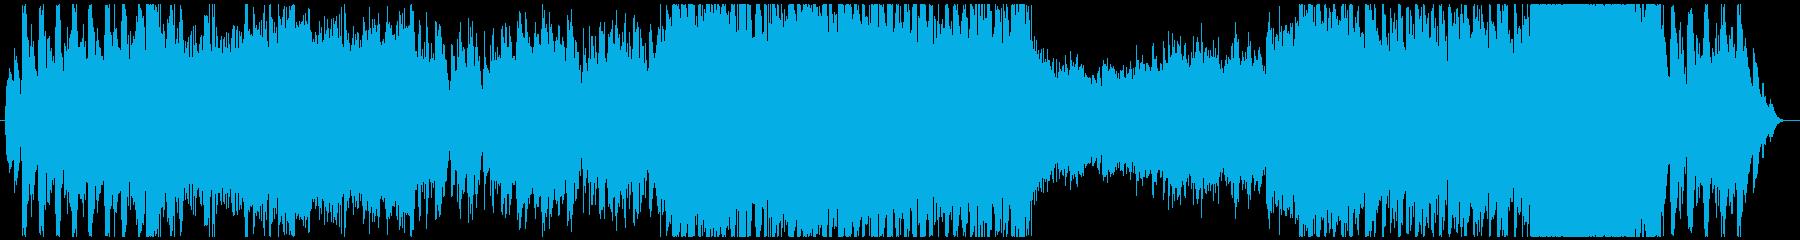 メロディが印象的なボス戦(ループ用)の再生済みの波形